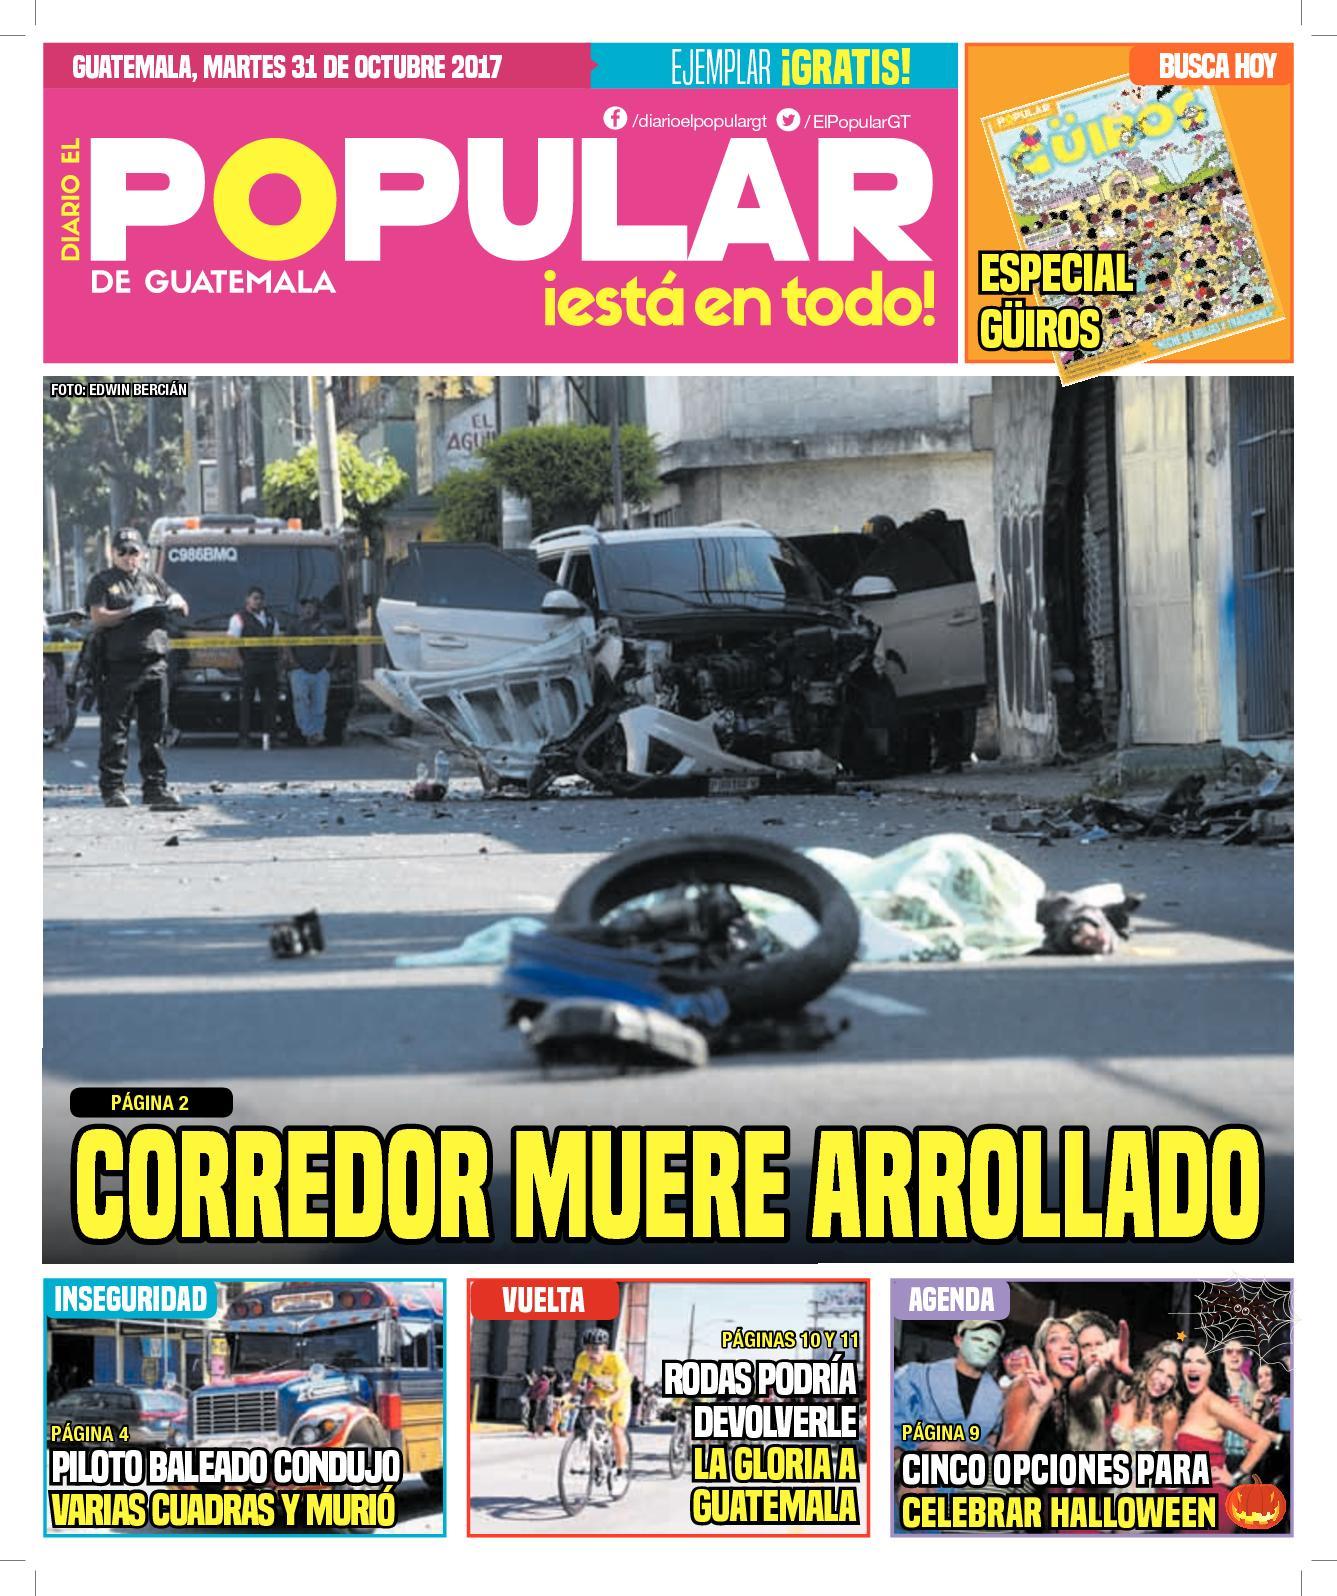 EL POPULAR GUATEMALA 31102017